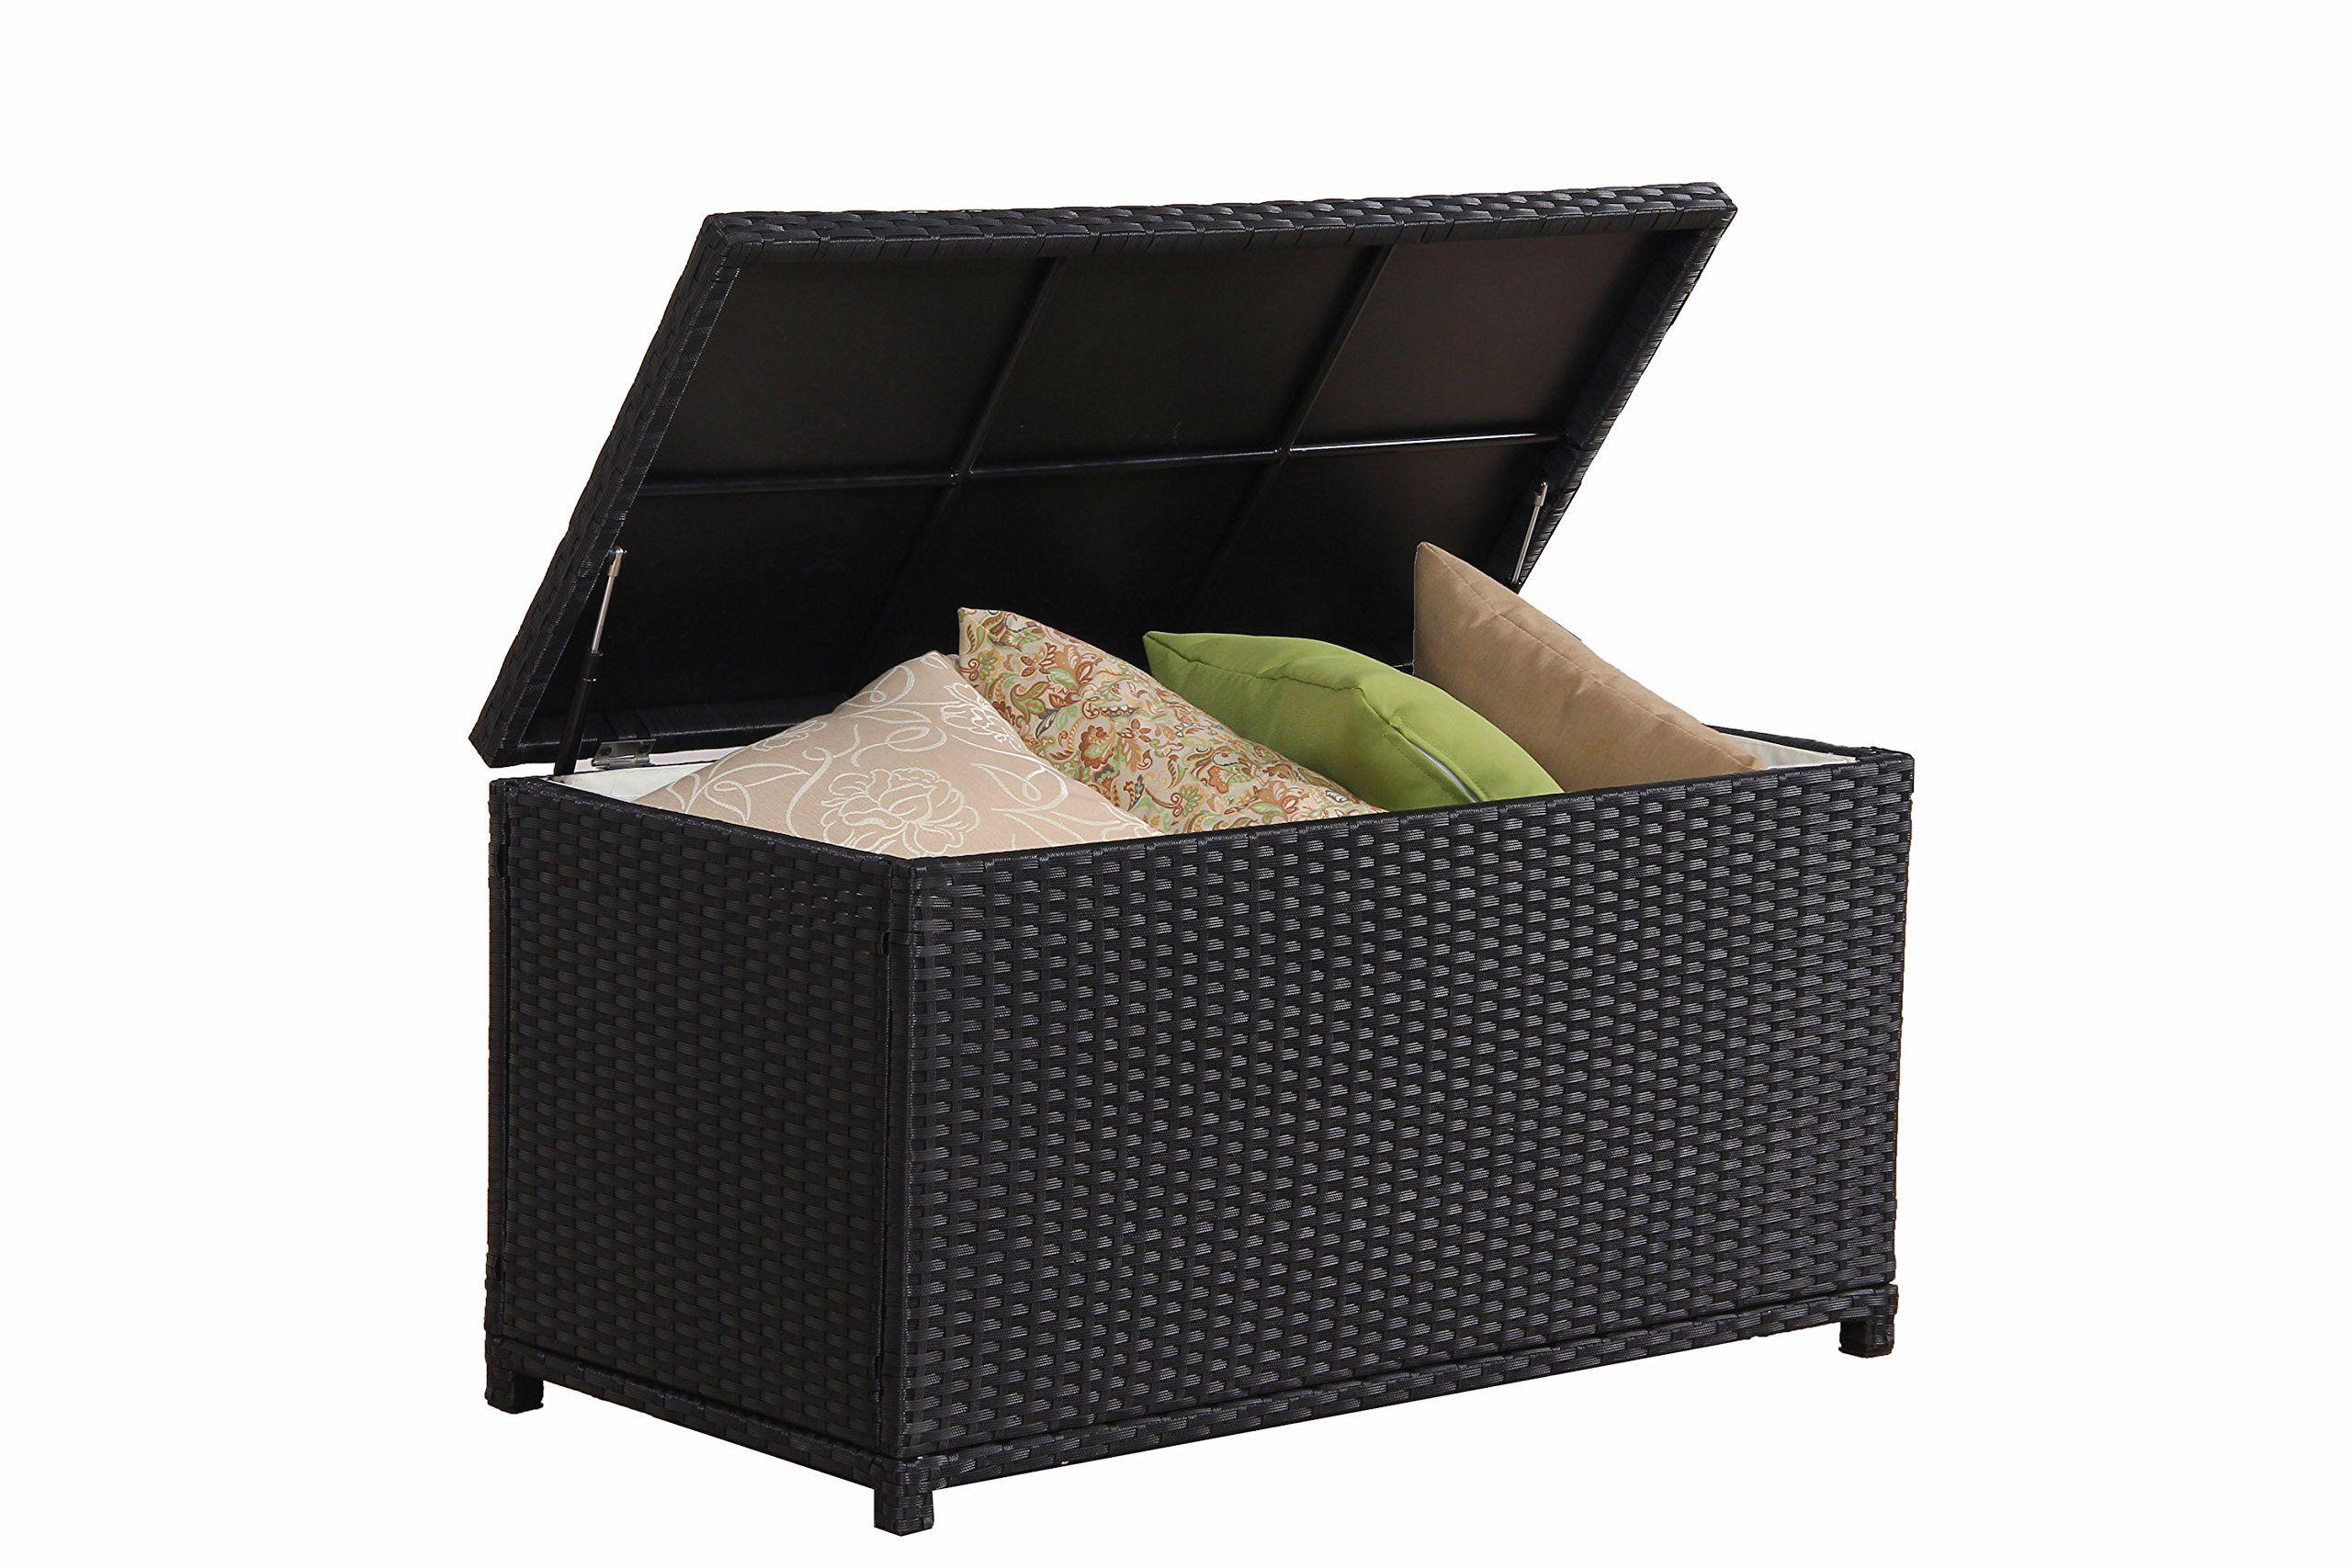 Broyerk Outdoor Patio Black Wicker Rattan Storage Cushion Bin Deck